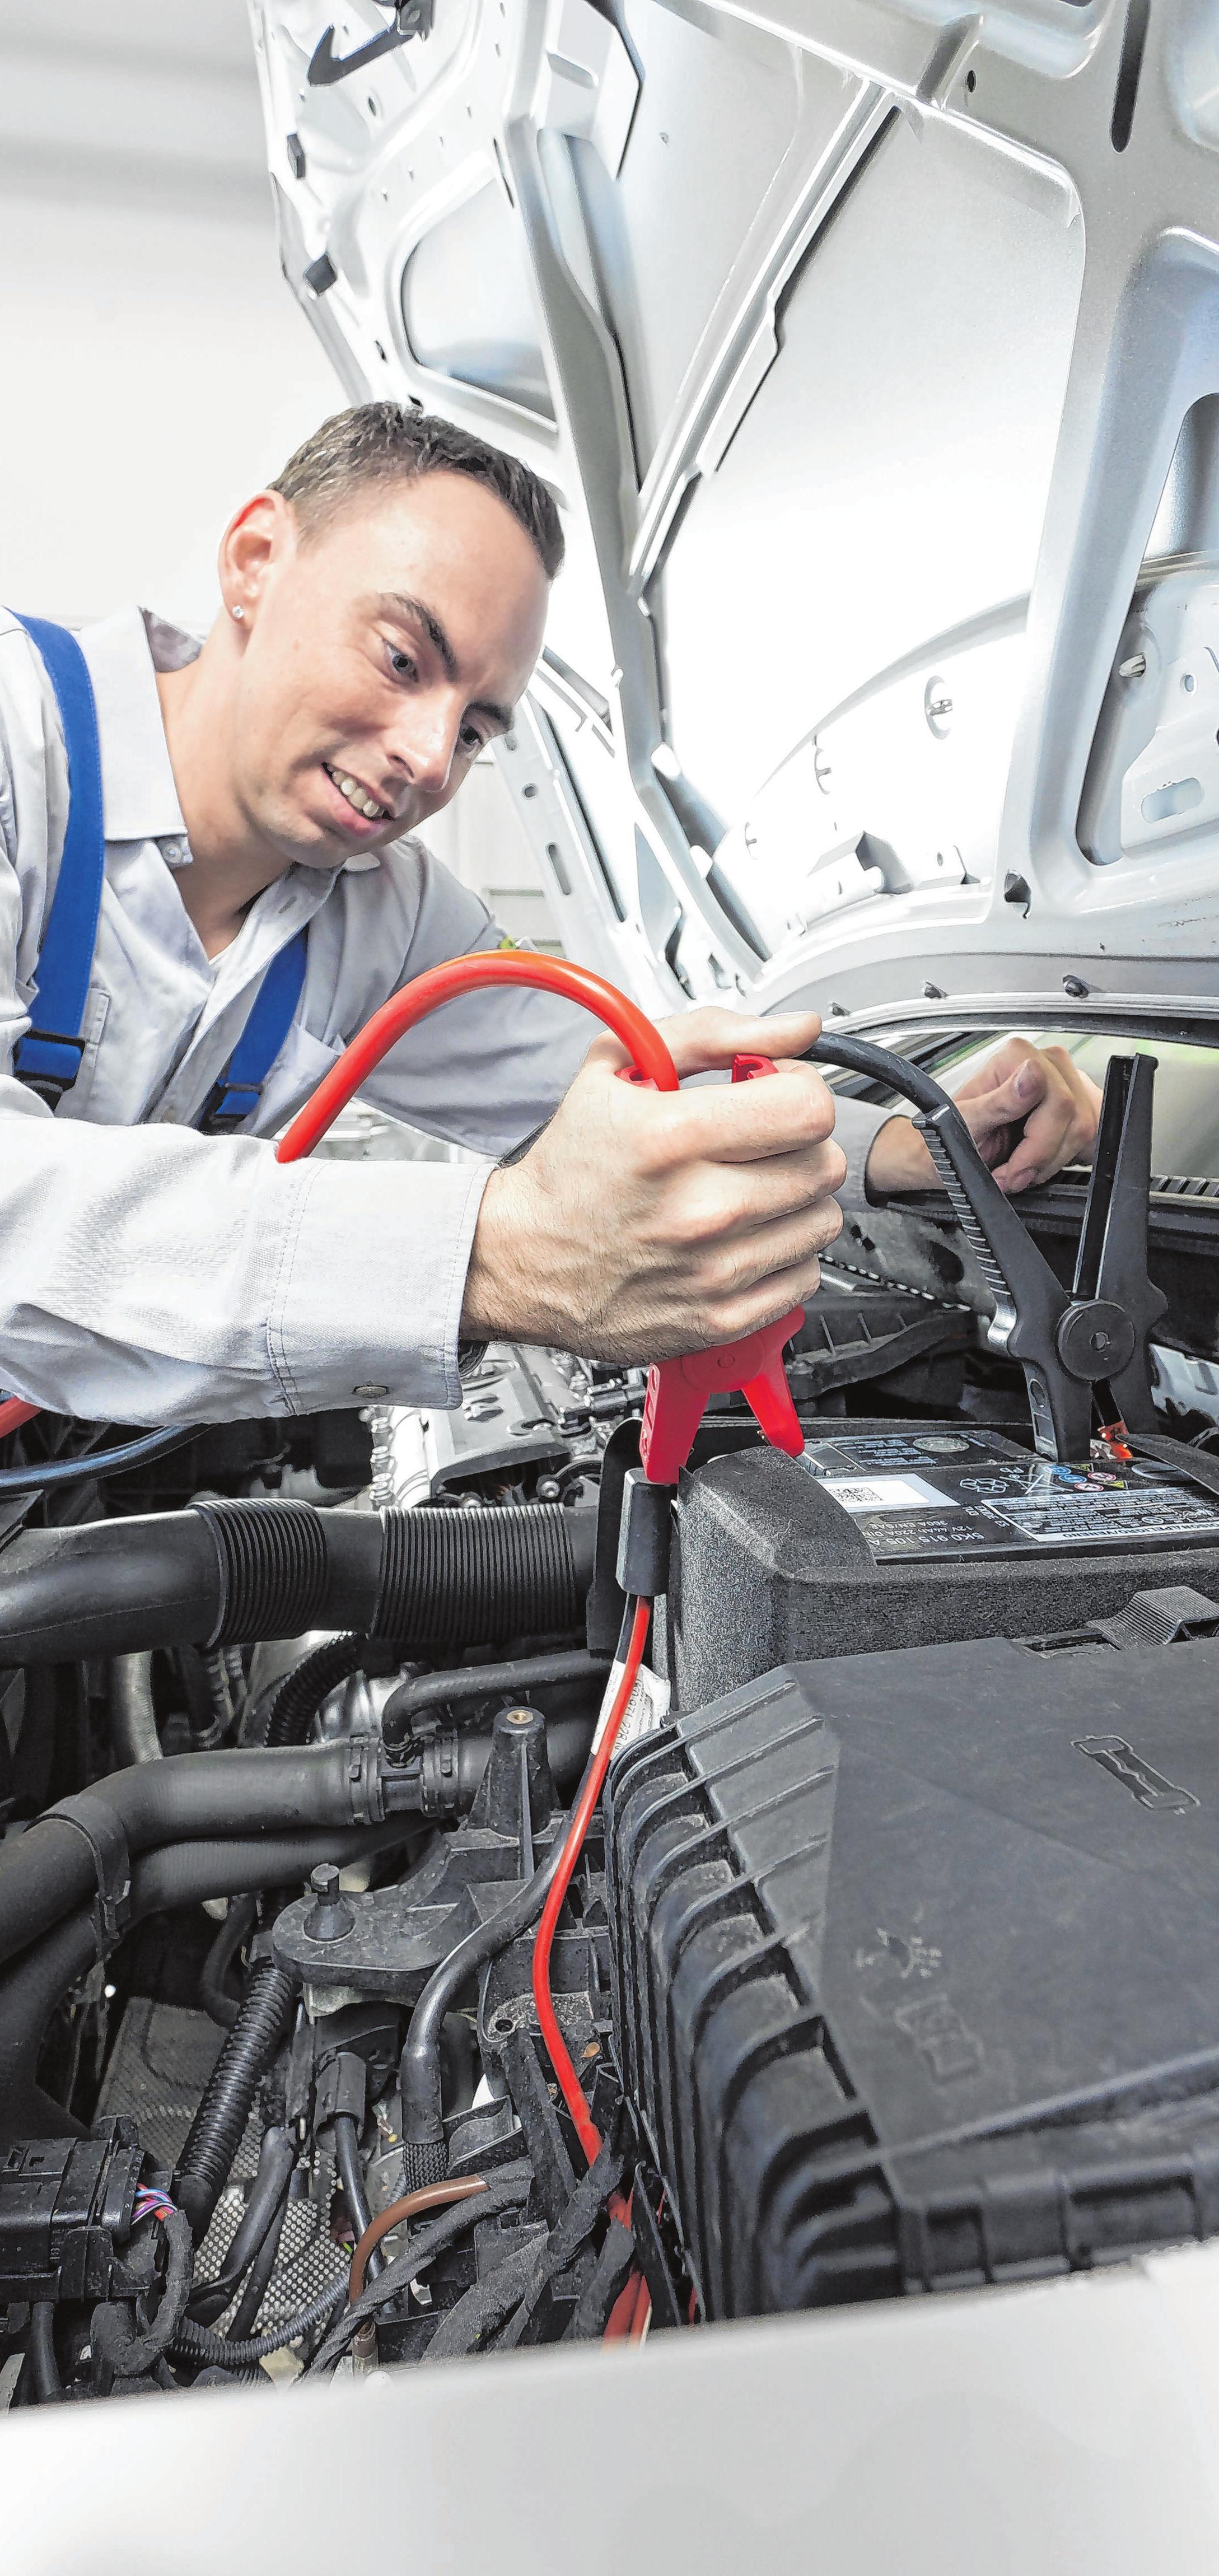 Batterien sind der Pannen-Klassiker in den Wintermonaten. Vor allem elektrische Verbraucher, wie die Sitzheizung, entziehen ihnen den Strom. Foto: promotor/T.Volz